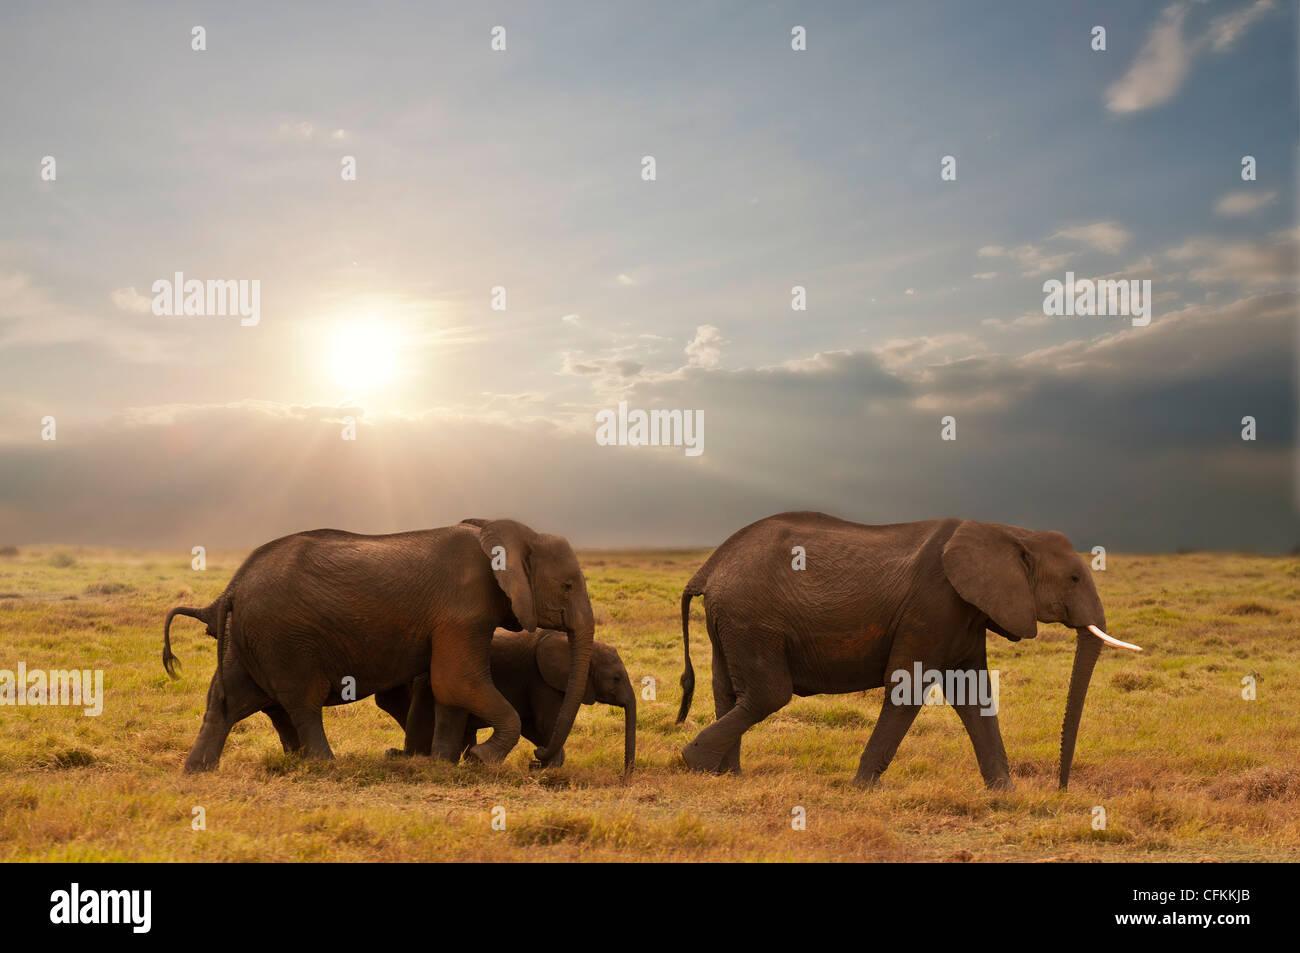 Famiglia di elefanti nel parco nazionale della sierra nevada, Spagna Immagini Stock